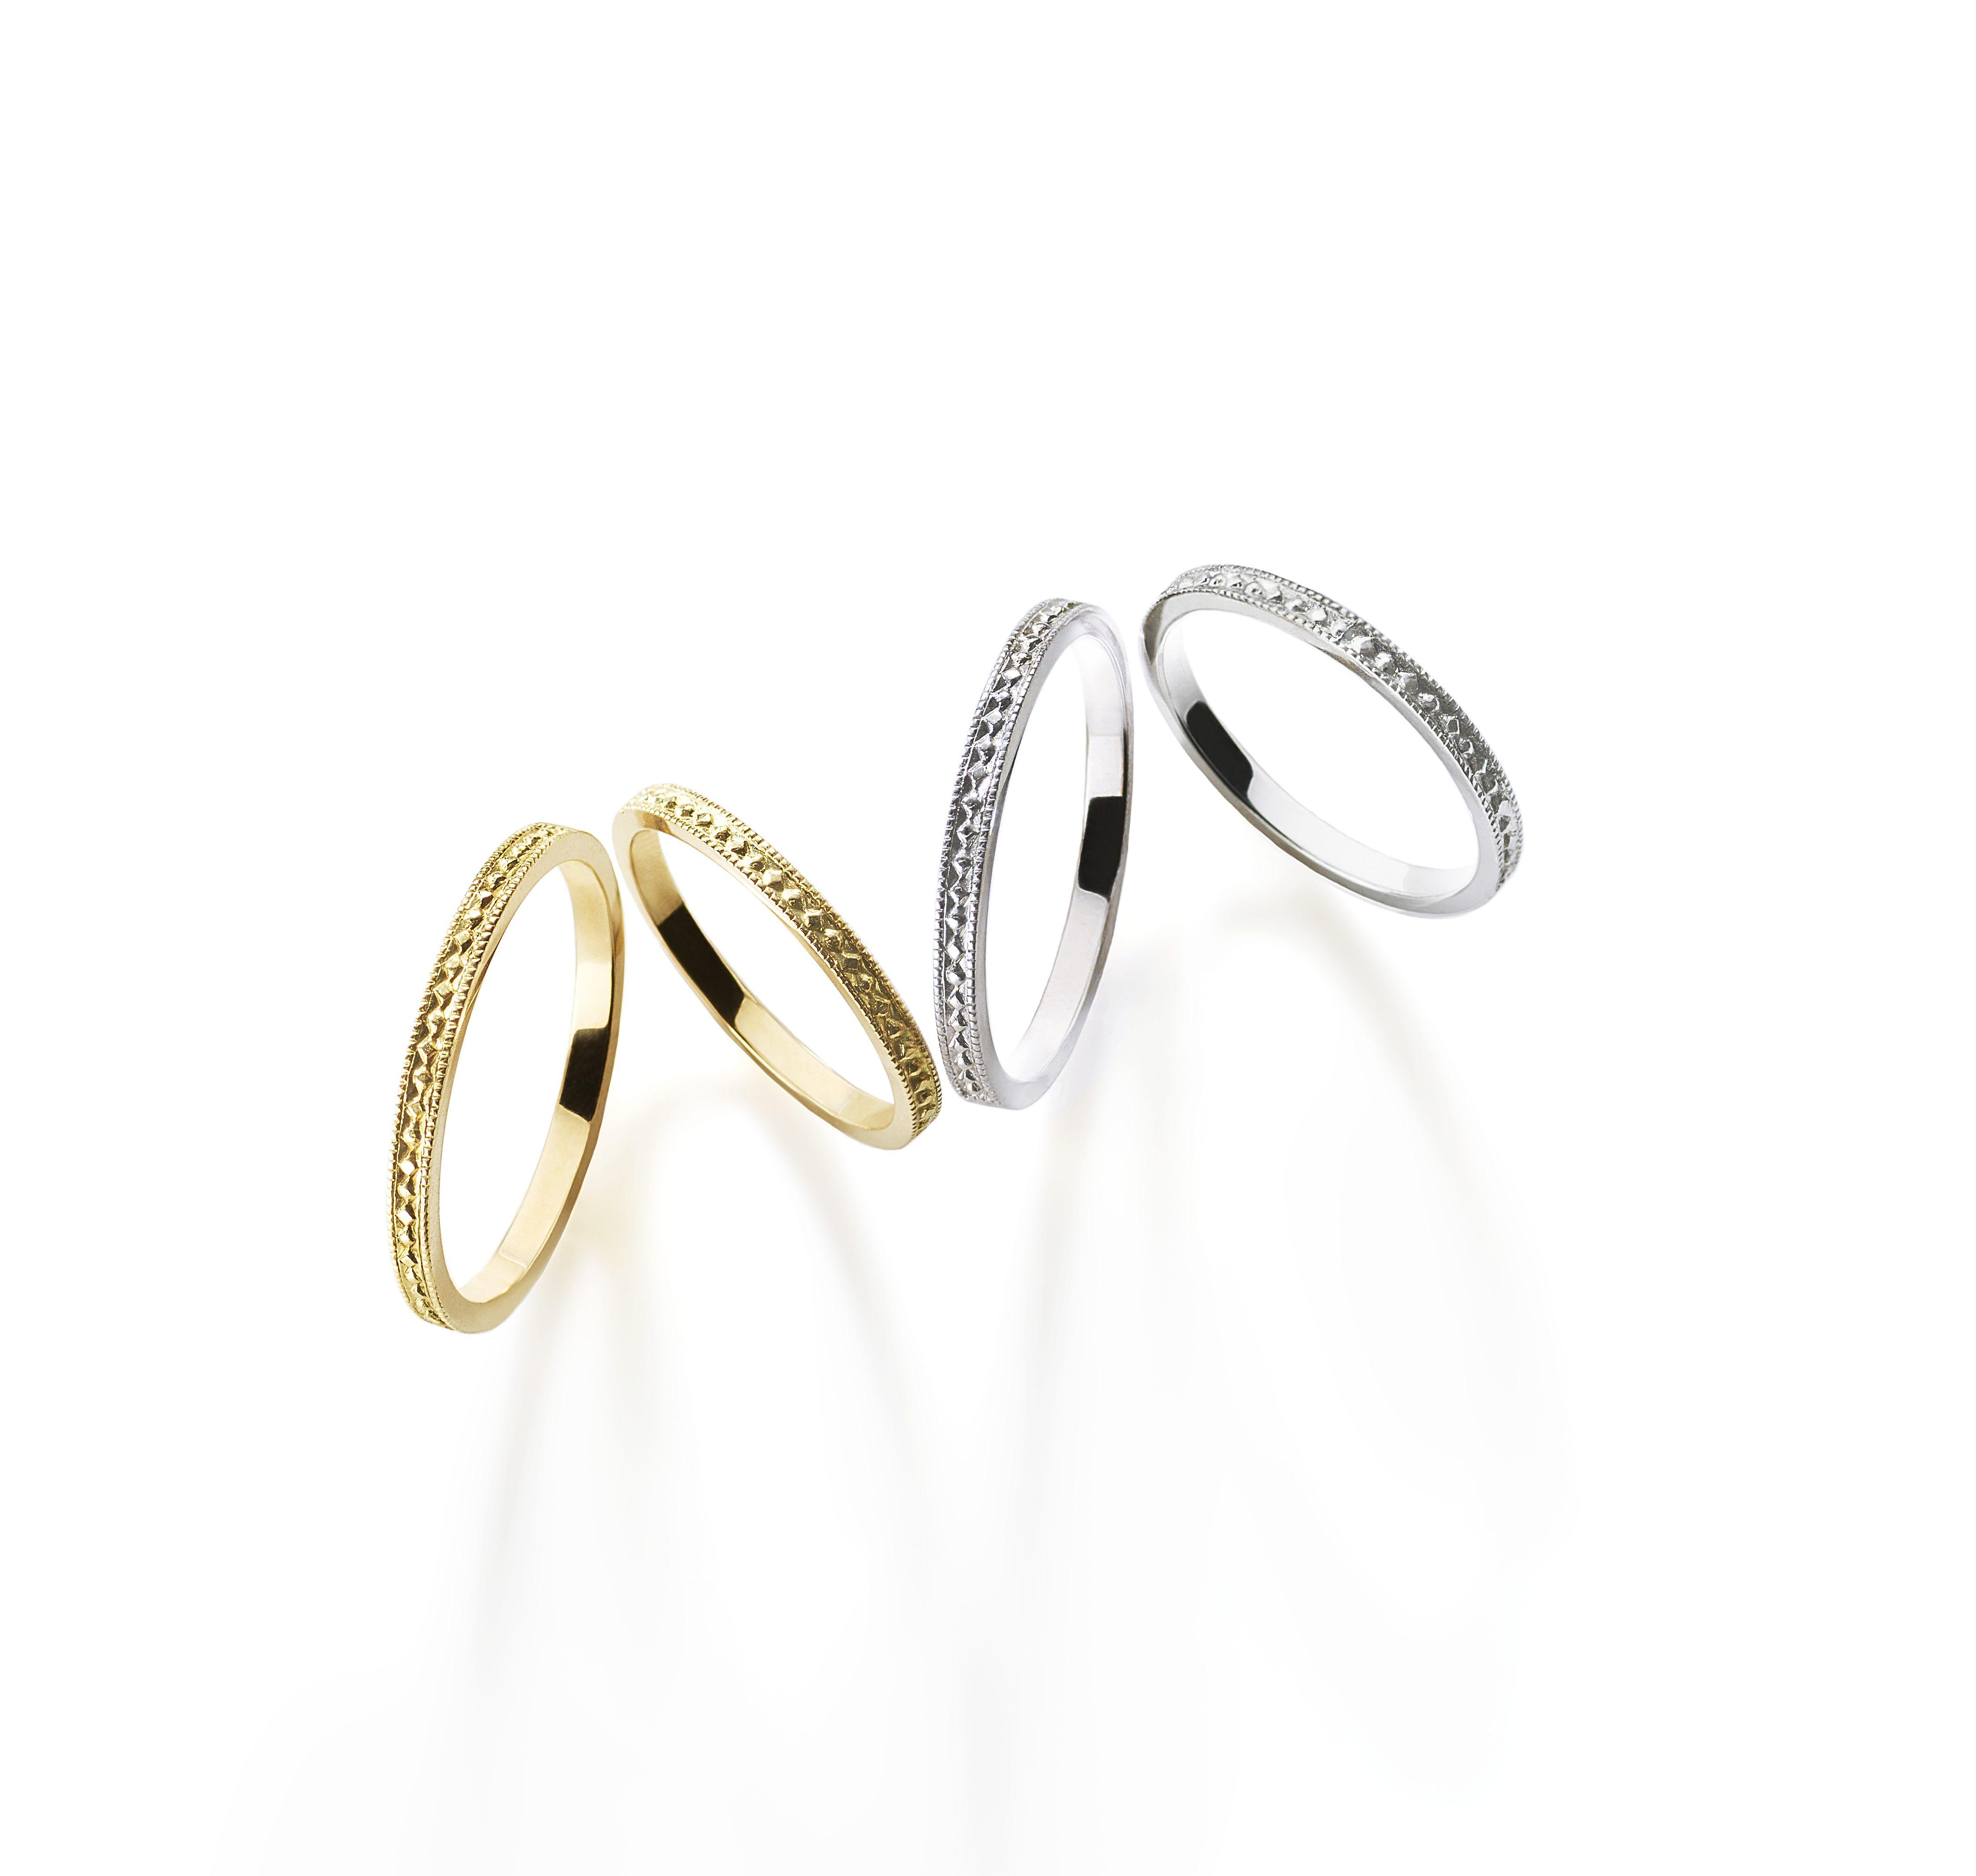 シンプル,アンティーク 結婚指輪のピュルテリング